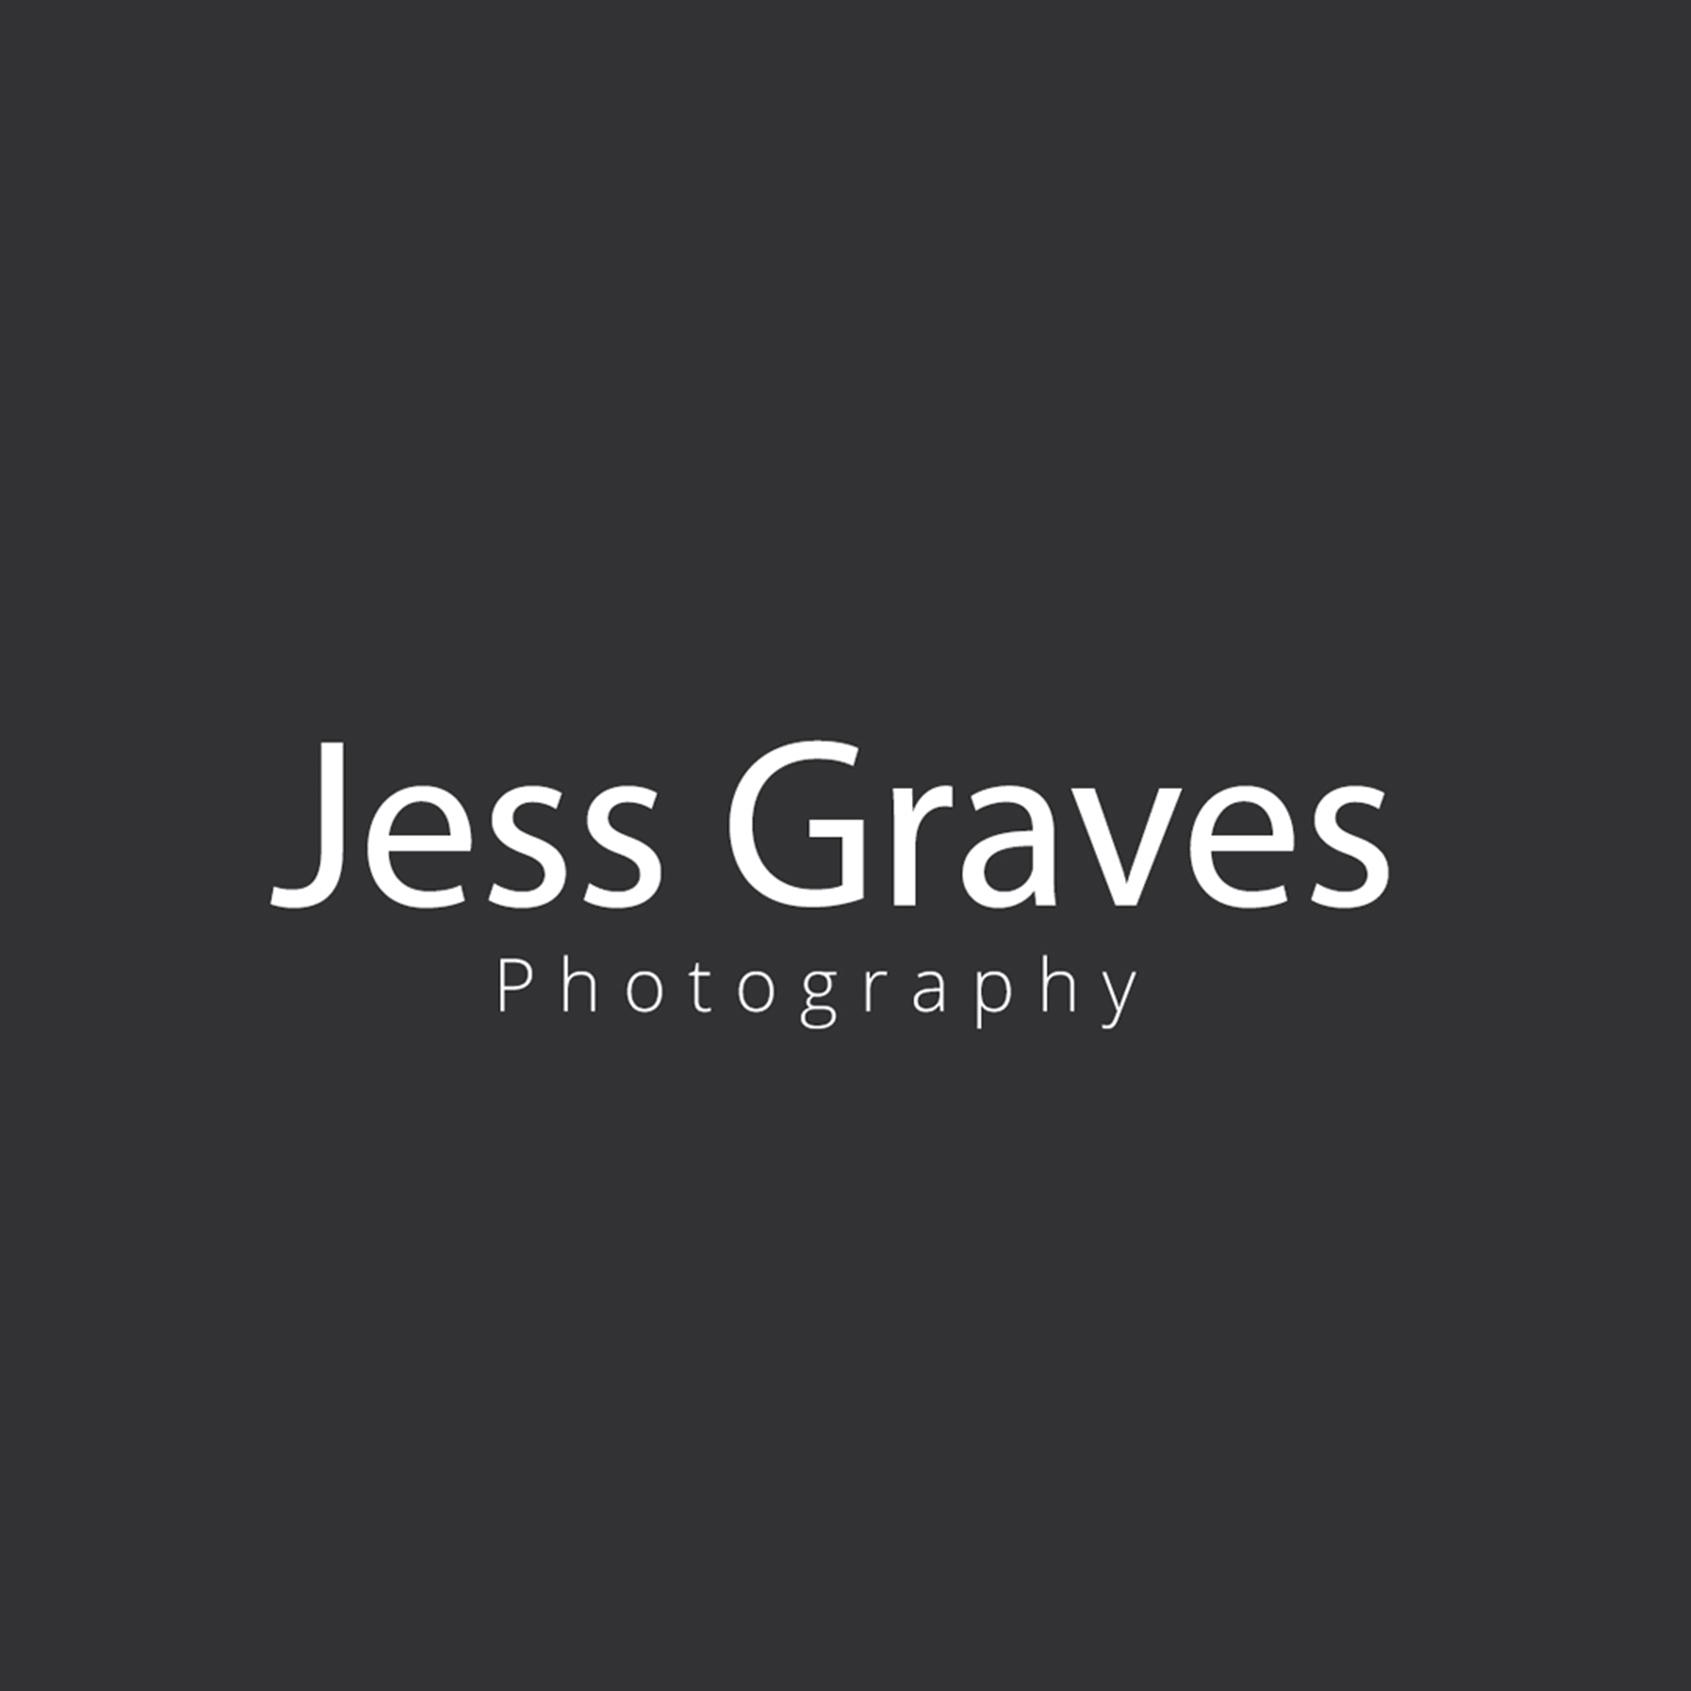 Jess Graves Photography